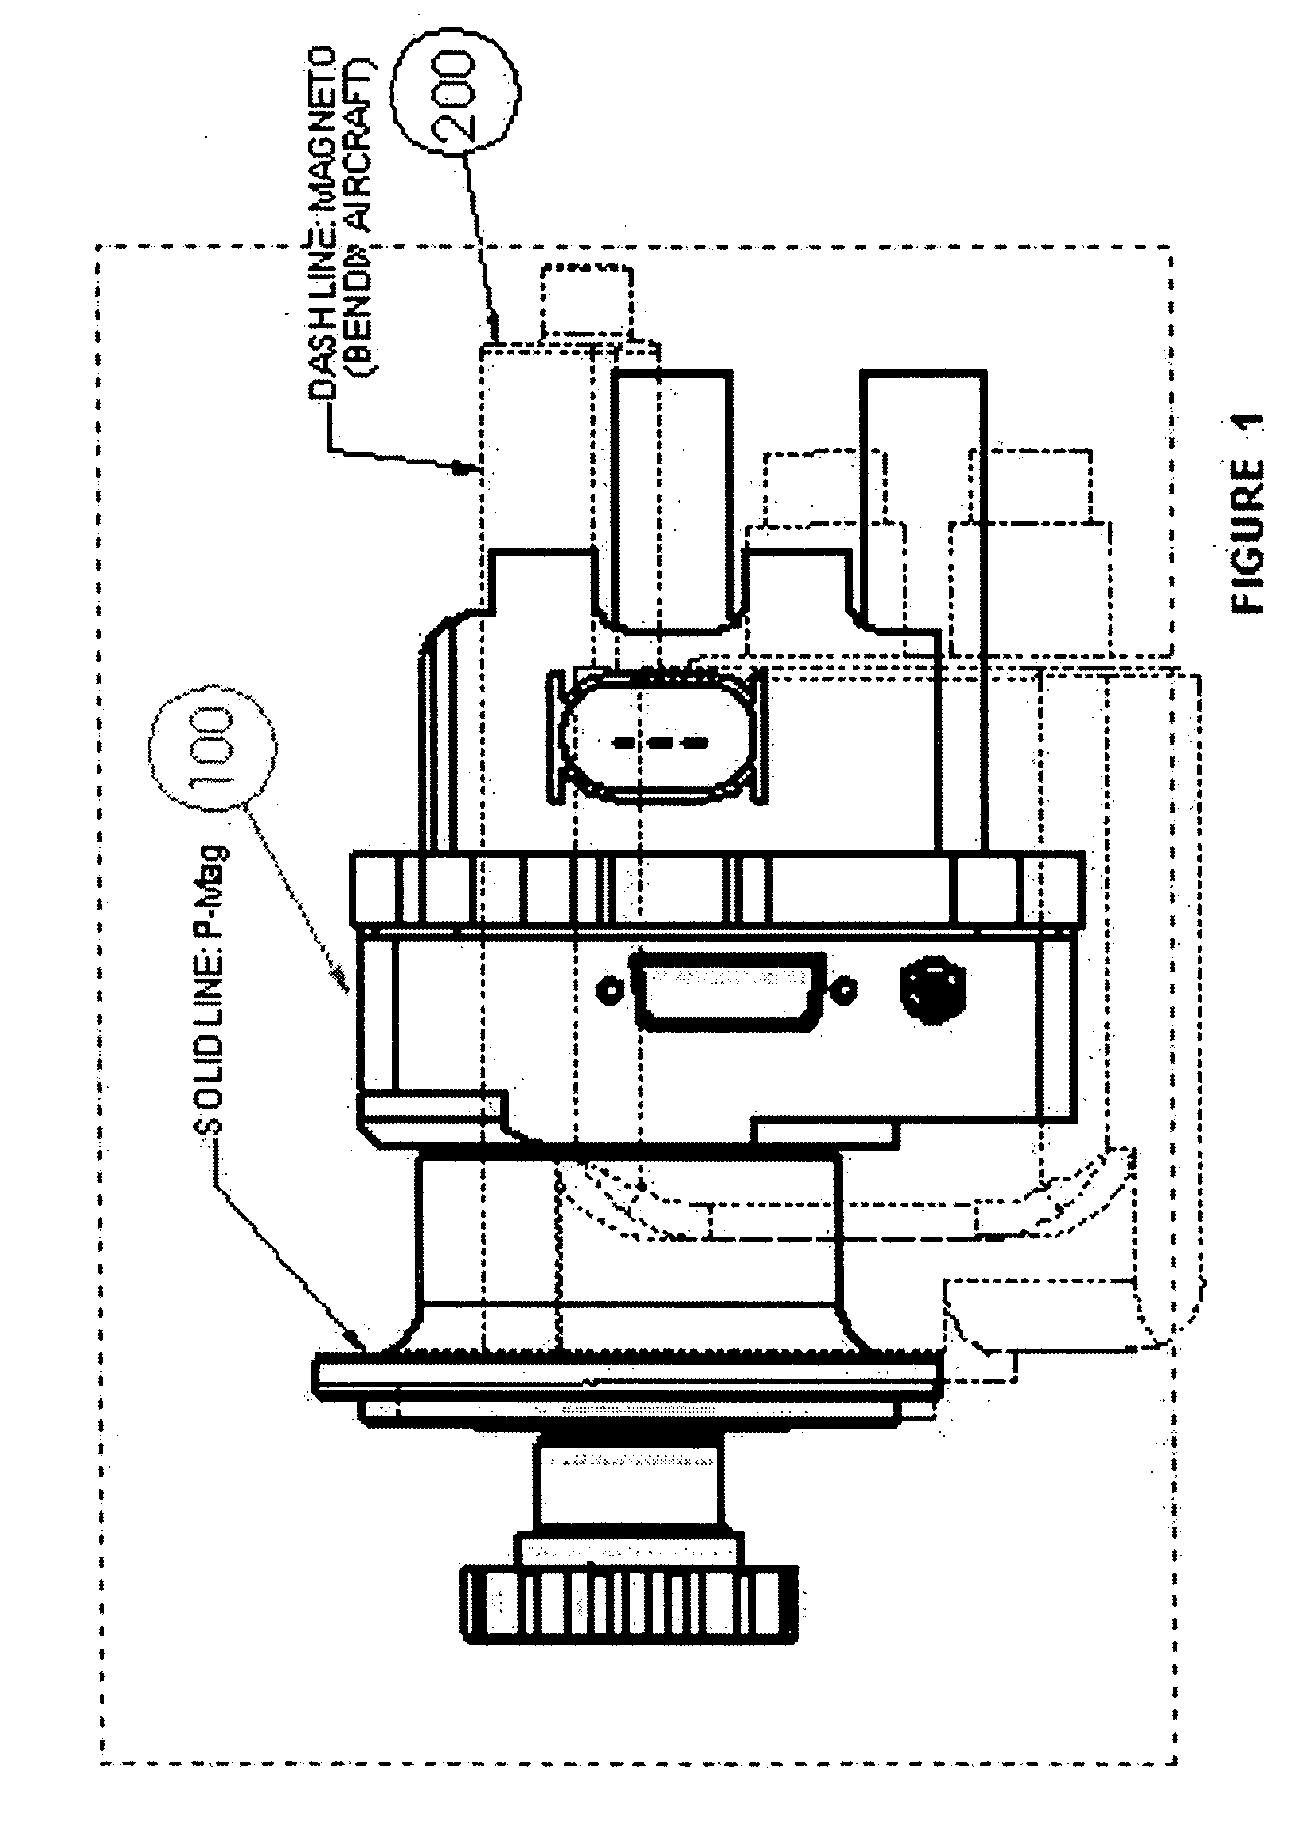 patent us20060130811